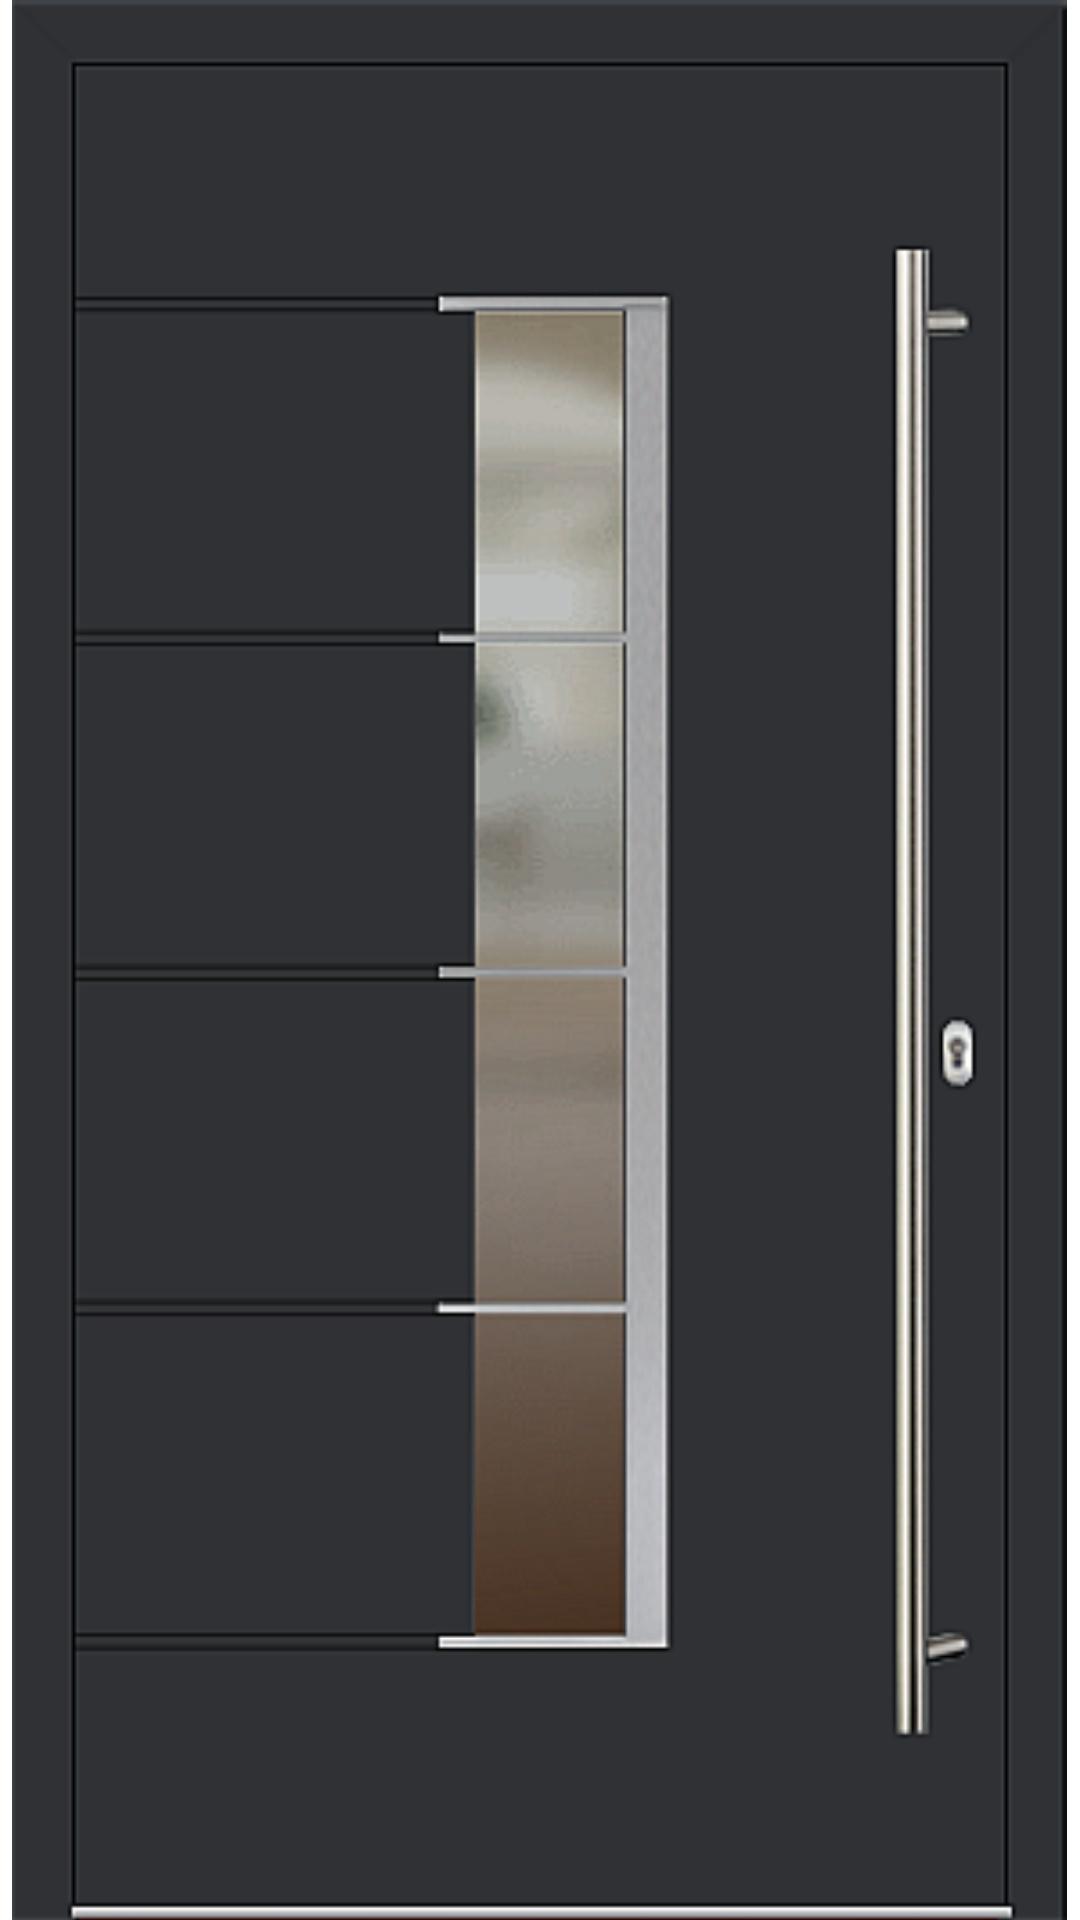 Kunststoff Haustür Modell 6978-79 schwarz